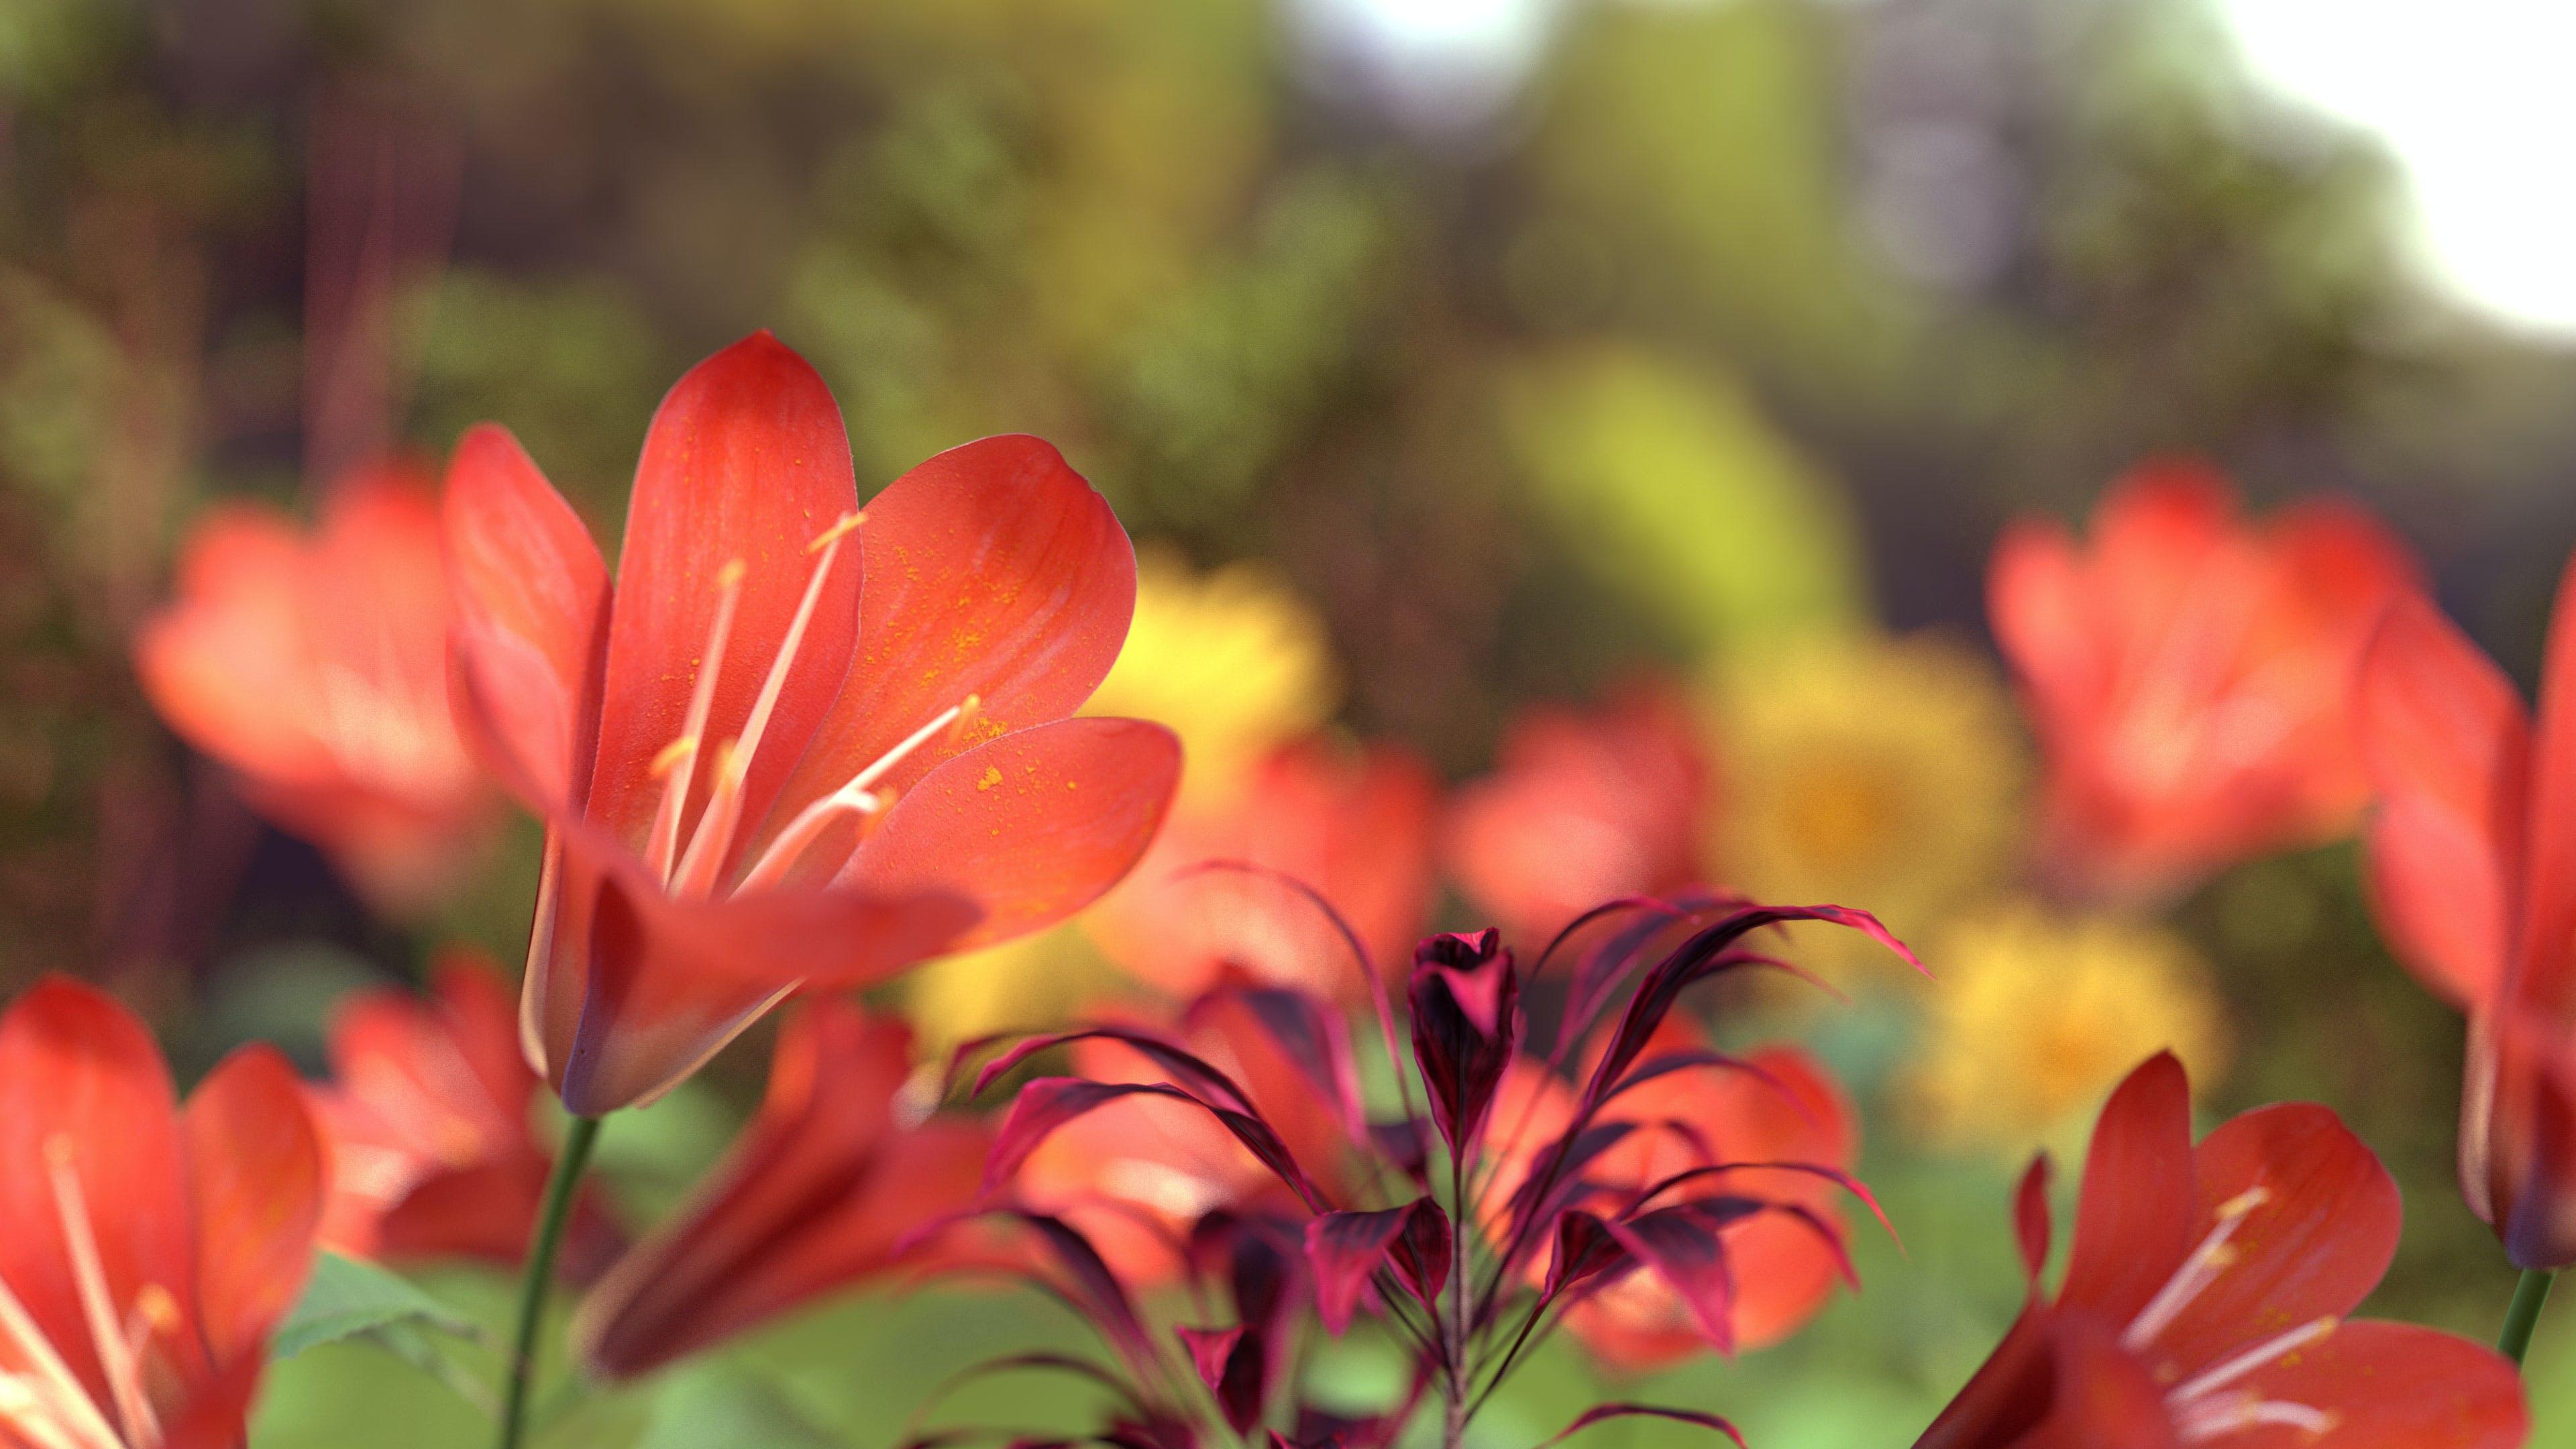 天性, 漂亮, 紅色的花朵, 花 的 免费素材照片